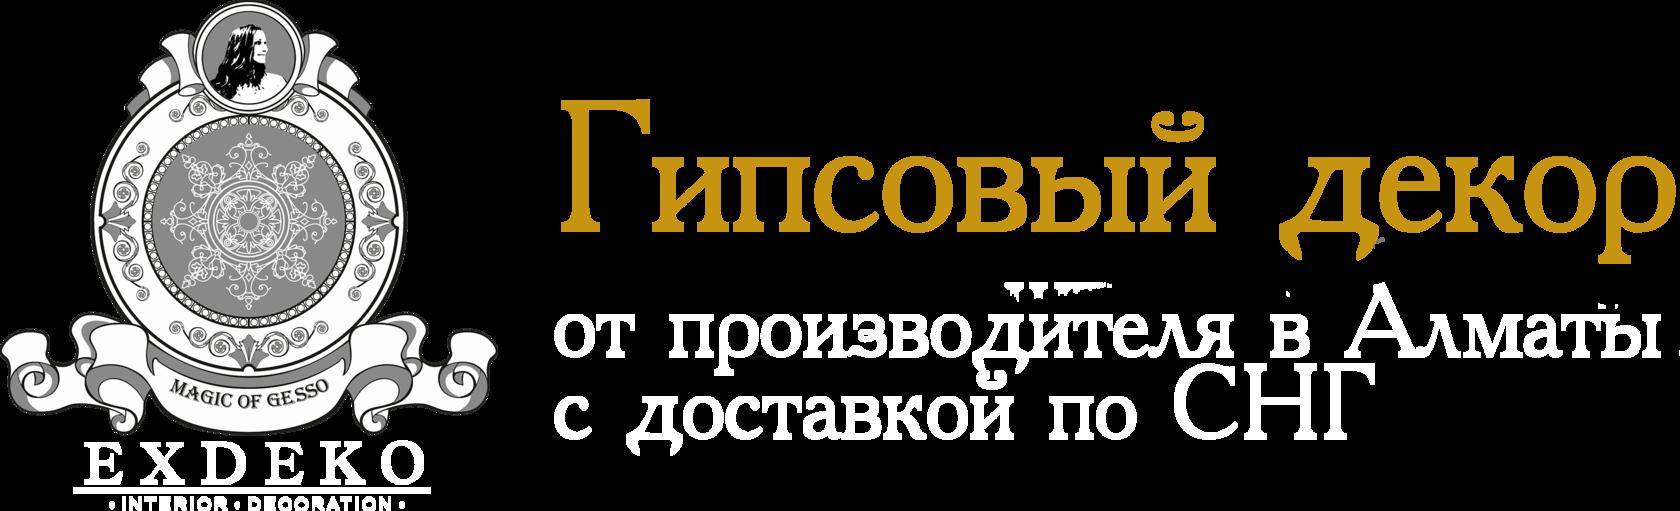 Гипсовый декор от производителя, в Алматы с доставкой по СНГ EXDEKO